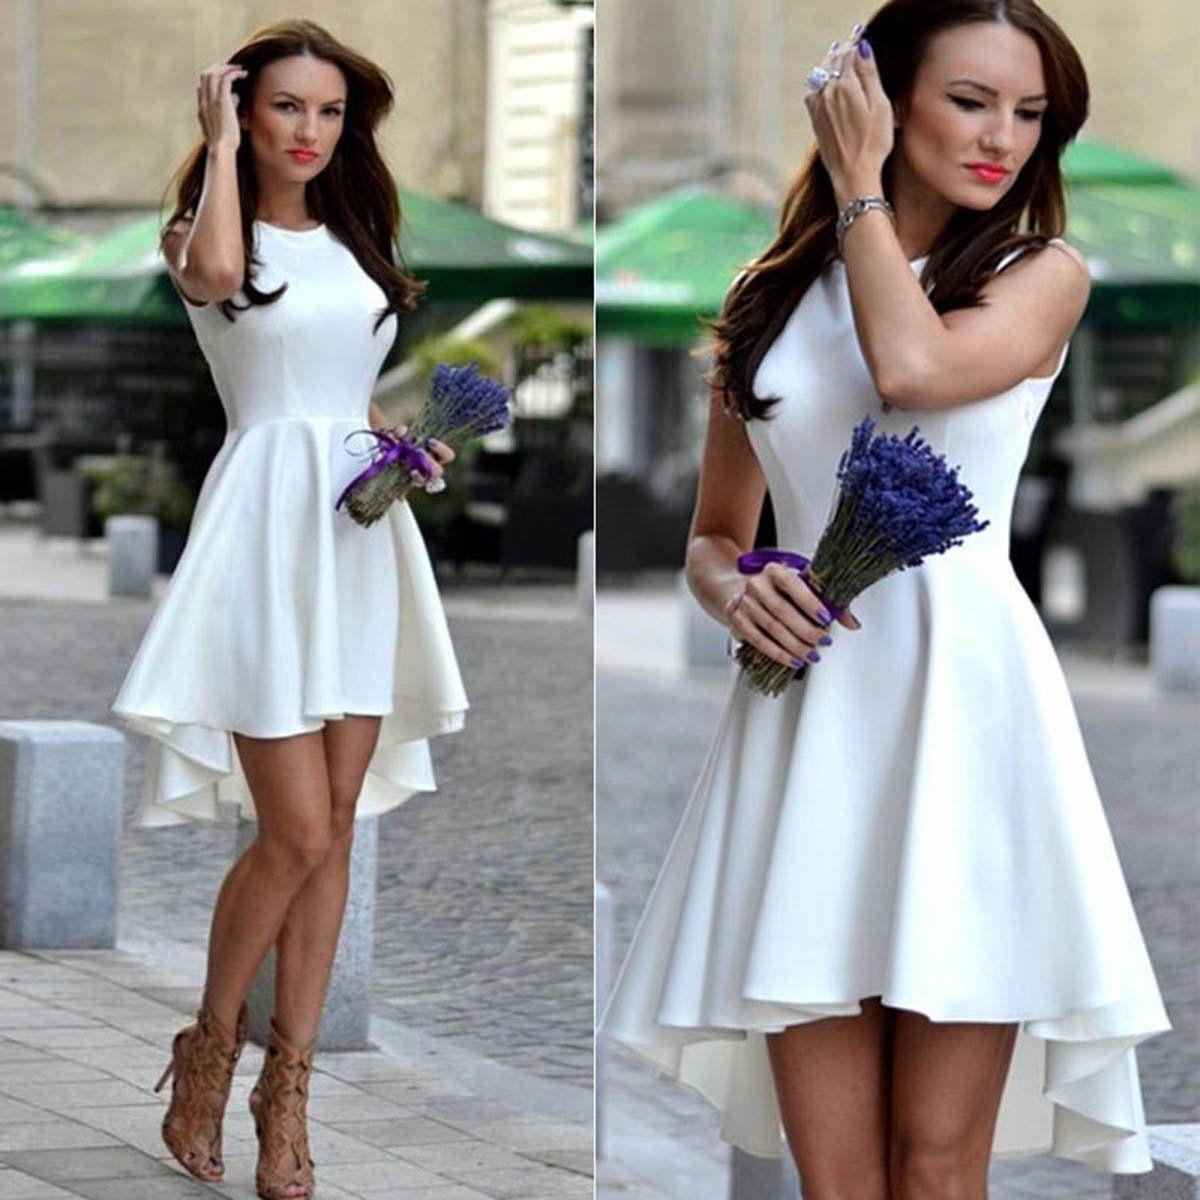 Vestidos casuales para boda de dia